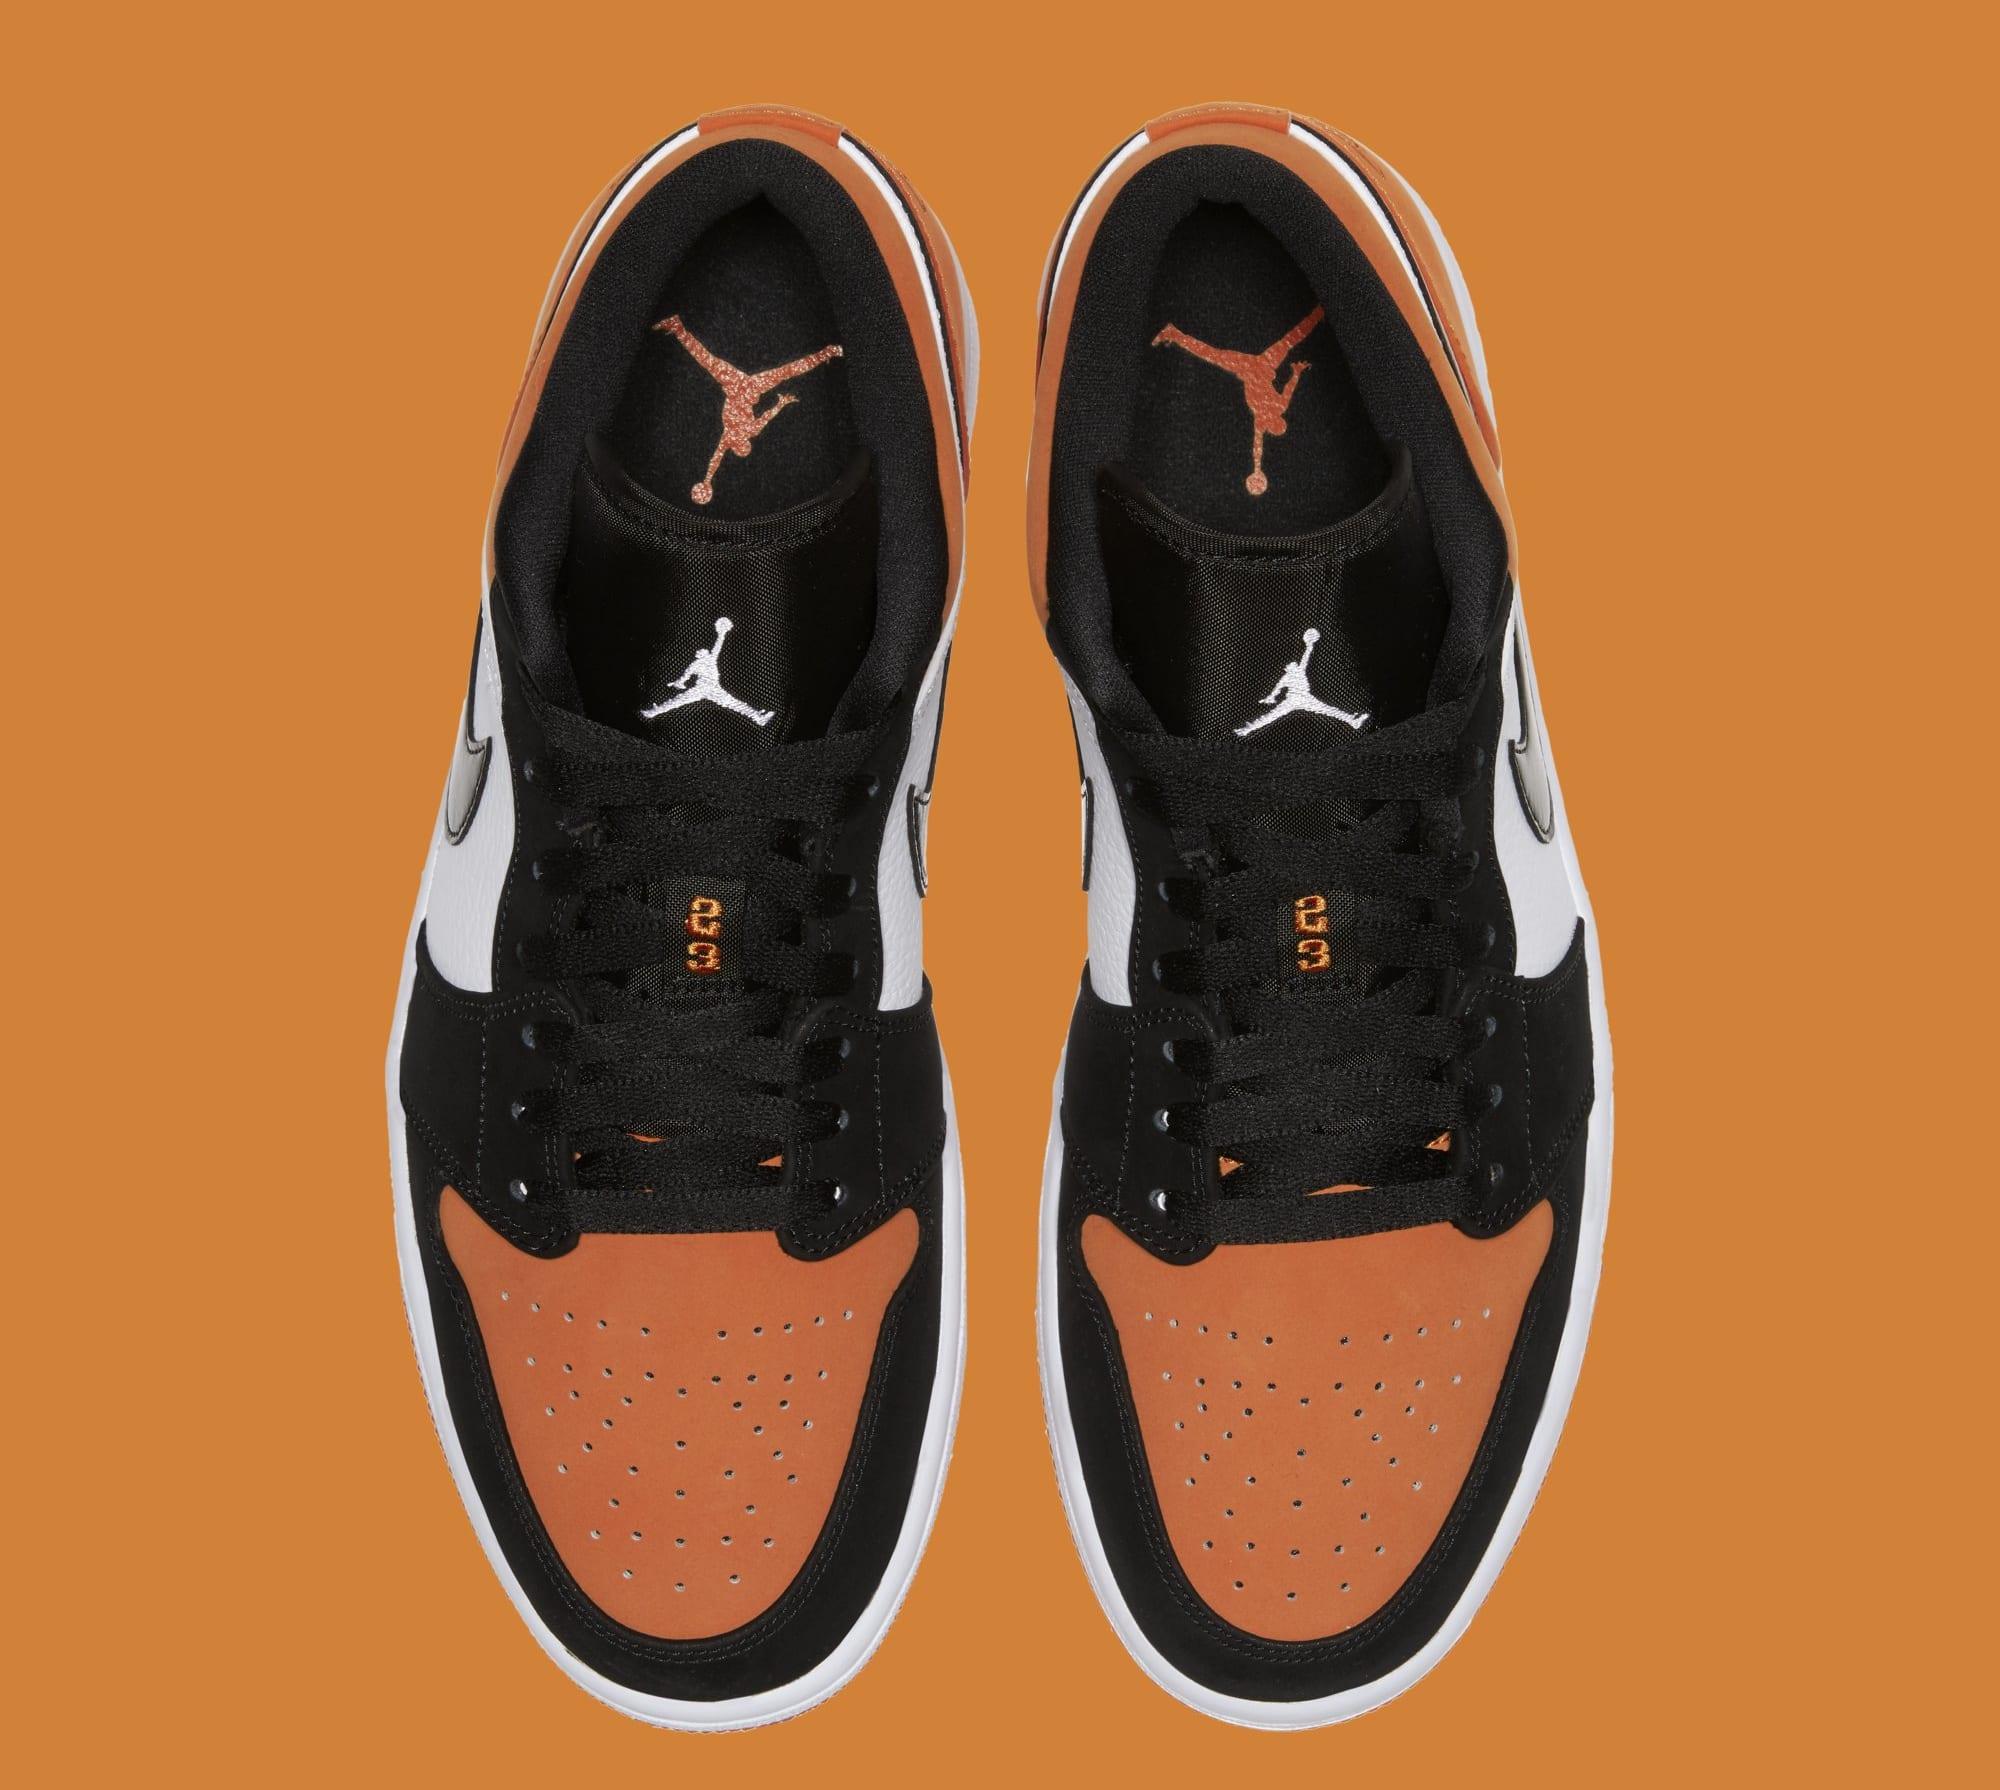 sportowa odzież sportowa Cena obniżona wyglądają dobrze wyprzedaż buty Air Jordan 1 Low 'Shattered Backboard' Black/White-Starfish ...